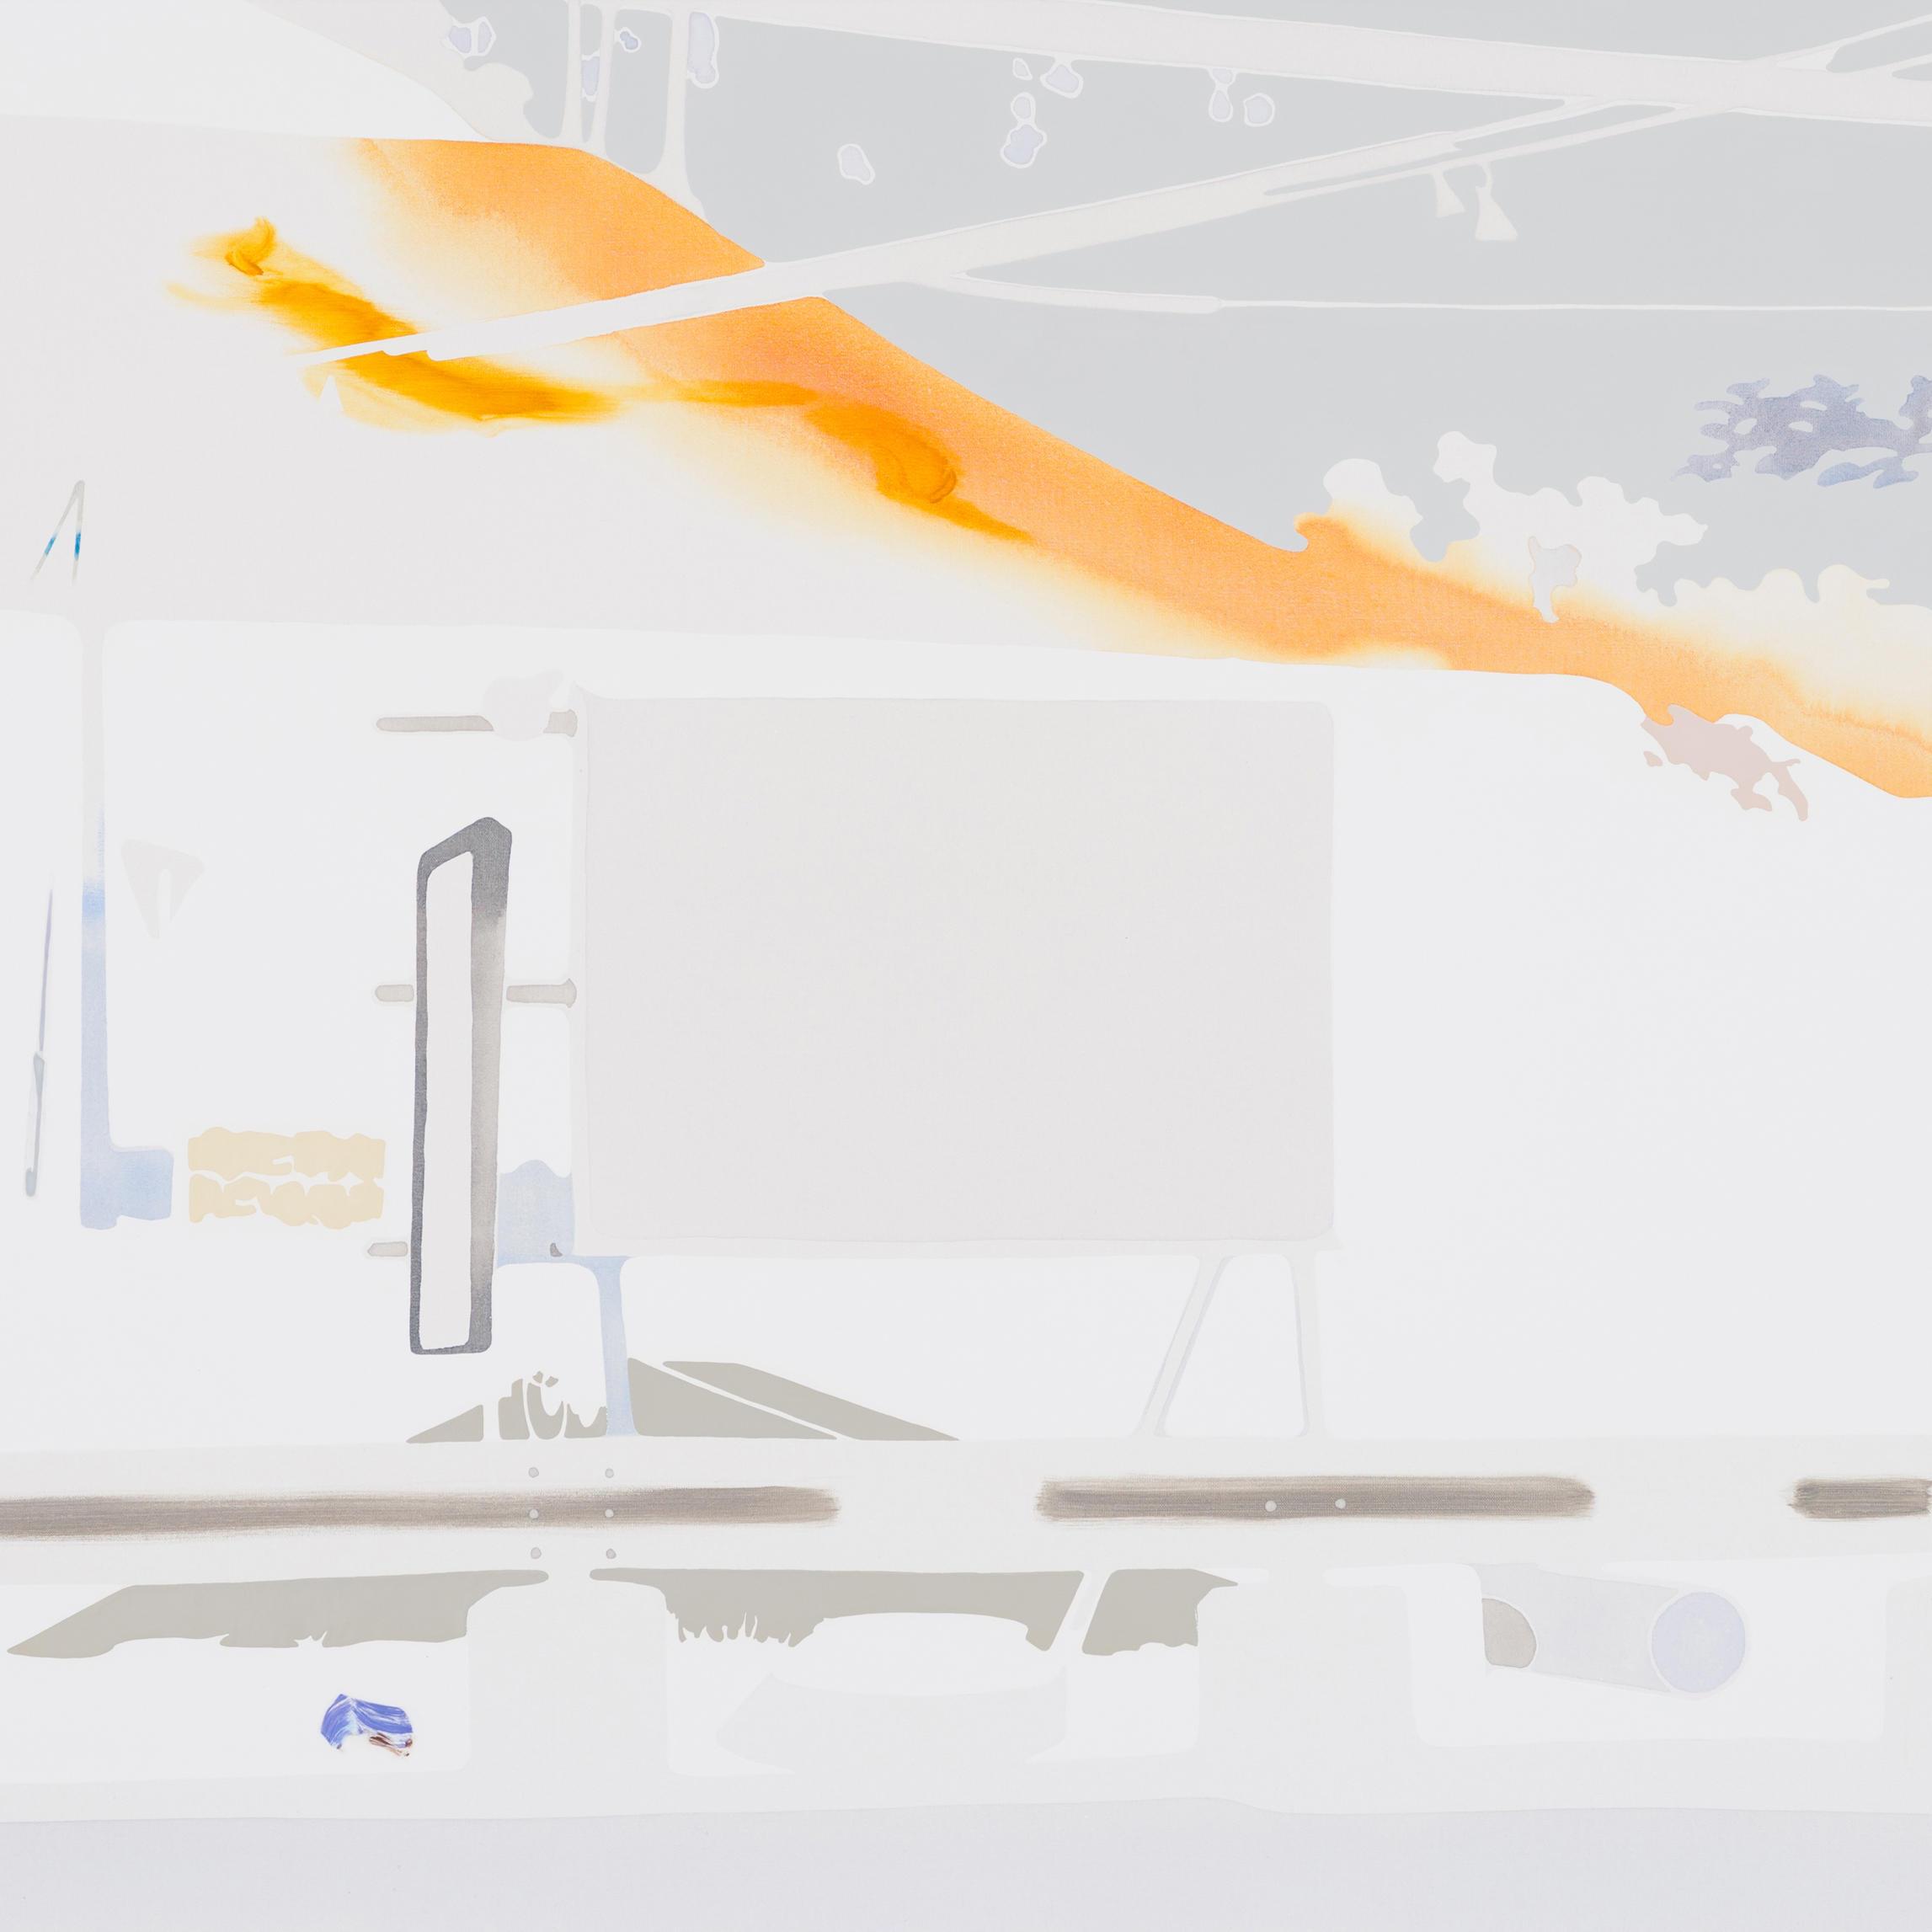 中岡真珠美 個展  - 緩衝 - バッファ